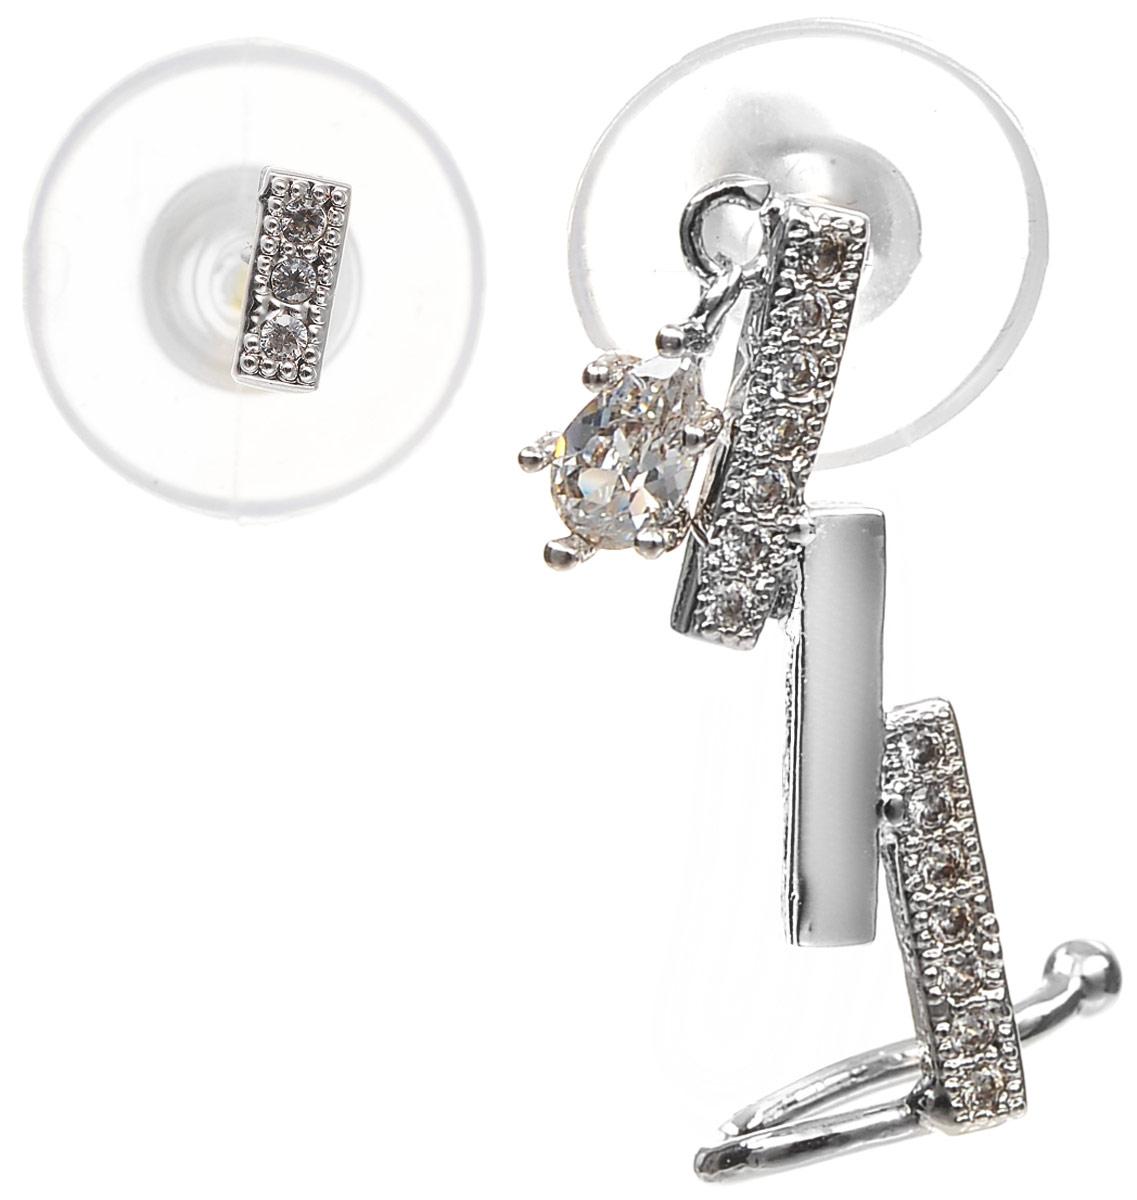 Серьги Art-Silver, цвет: серебряный. СРГ181-386СРГ181-386Стильные серьги Selena выполнены из латуни с гальваническим покрытием. Серьги оформлены оригинальными декоративными вставками. Такие серьги будут ярким дополнением вашего образа.